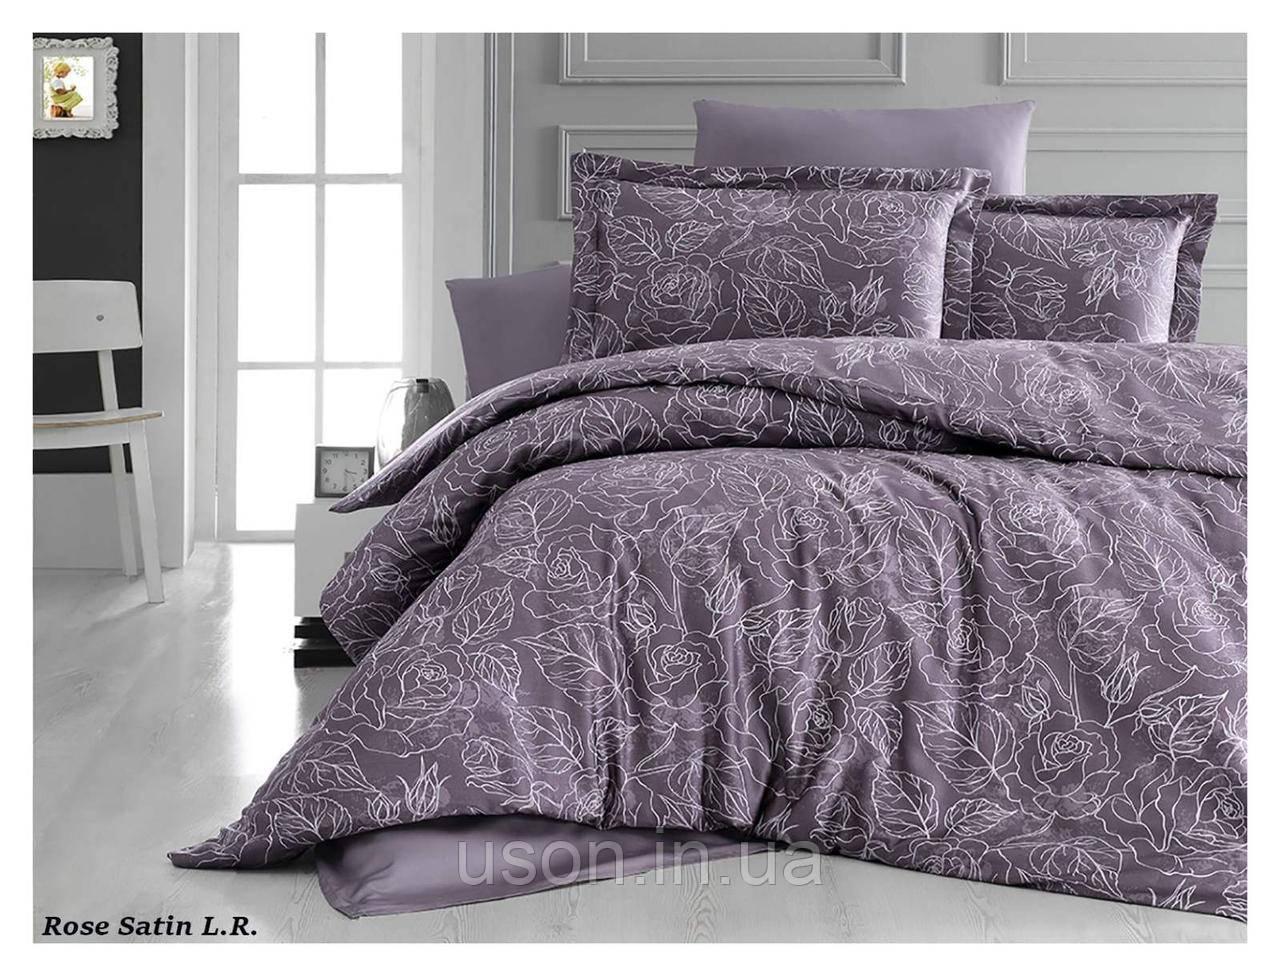 Комплект постельного белья из сатина Тм LaRomano  Rose